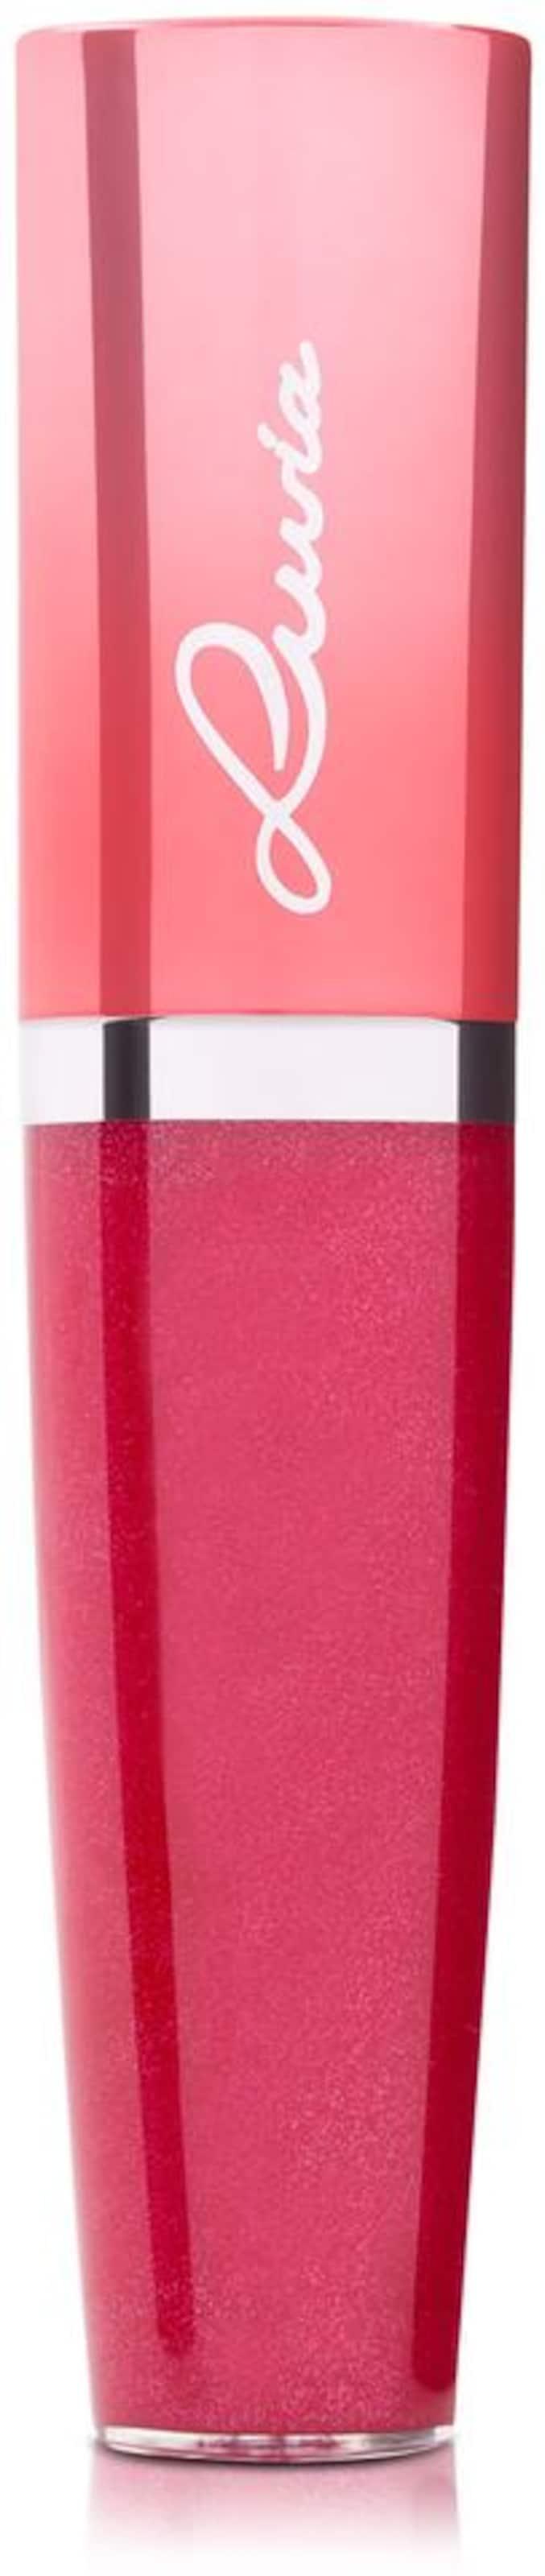 'senaya Criminal Cosmetics Luvia Colors'Veganer Pitaya In Lipgloss Y7ybfg6